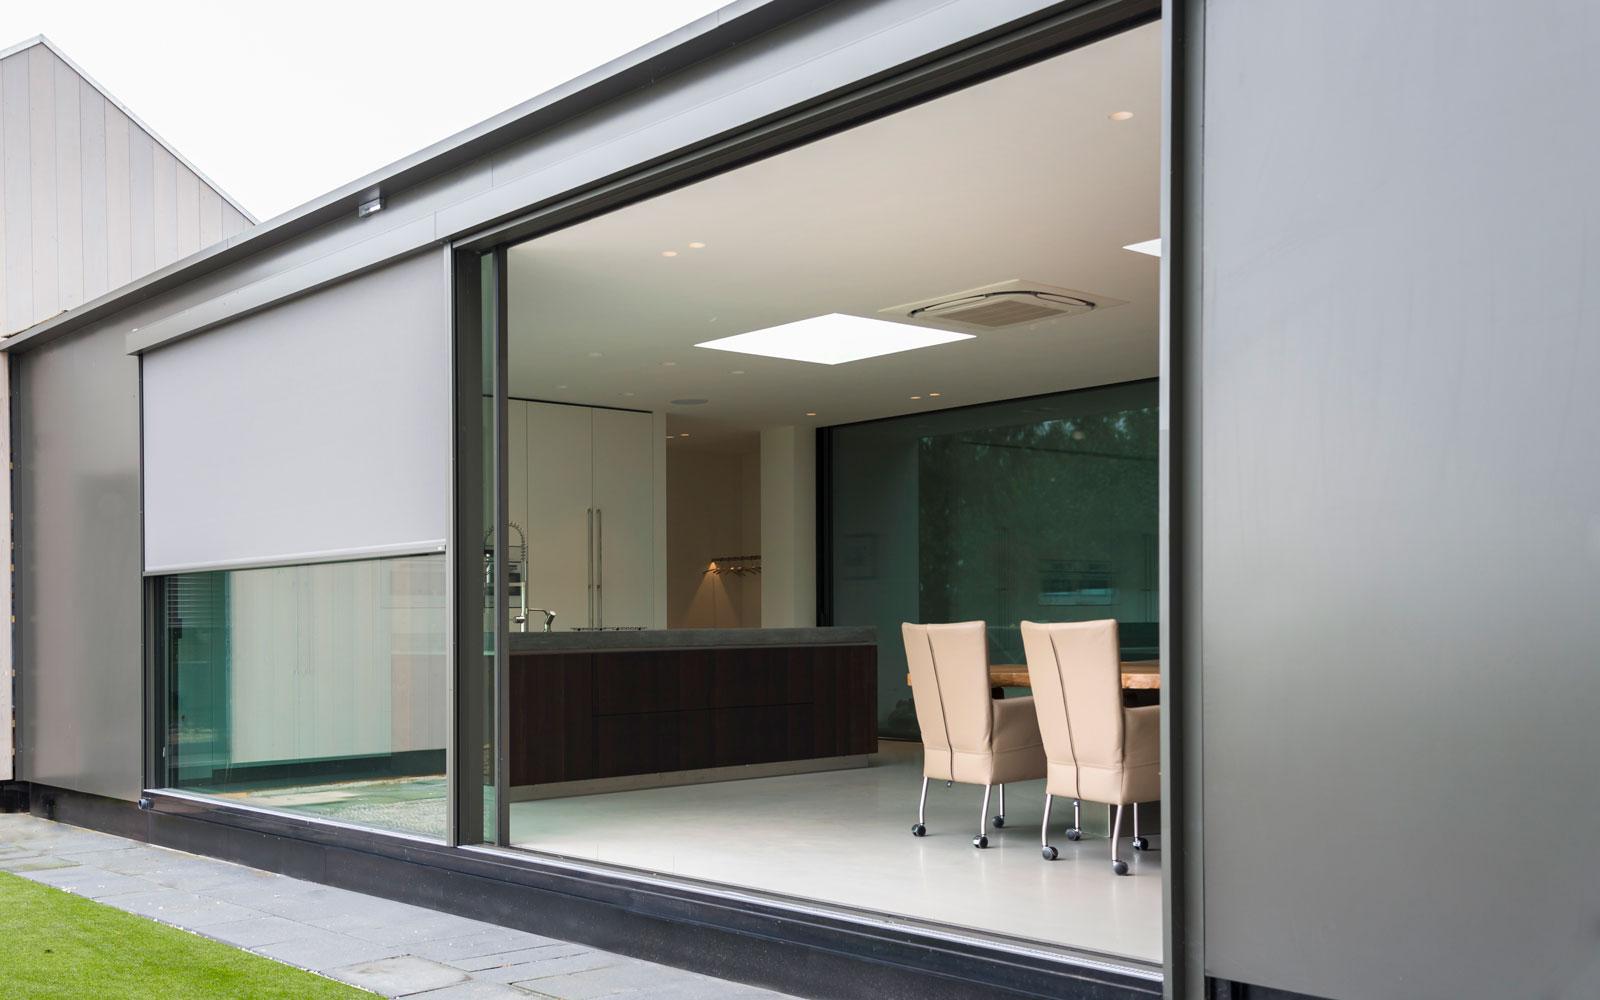 Grote ramen, glas, natuurlijk licht, keuken, zonwering, screens, moderne uitbouw, Lautenbag Architectuur